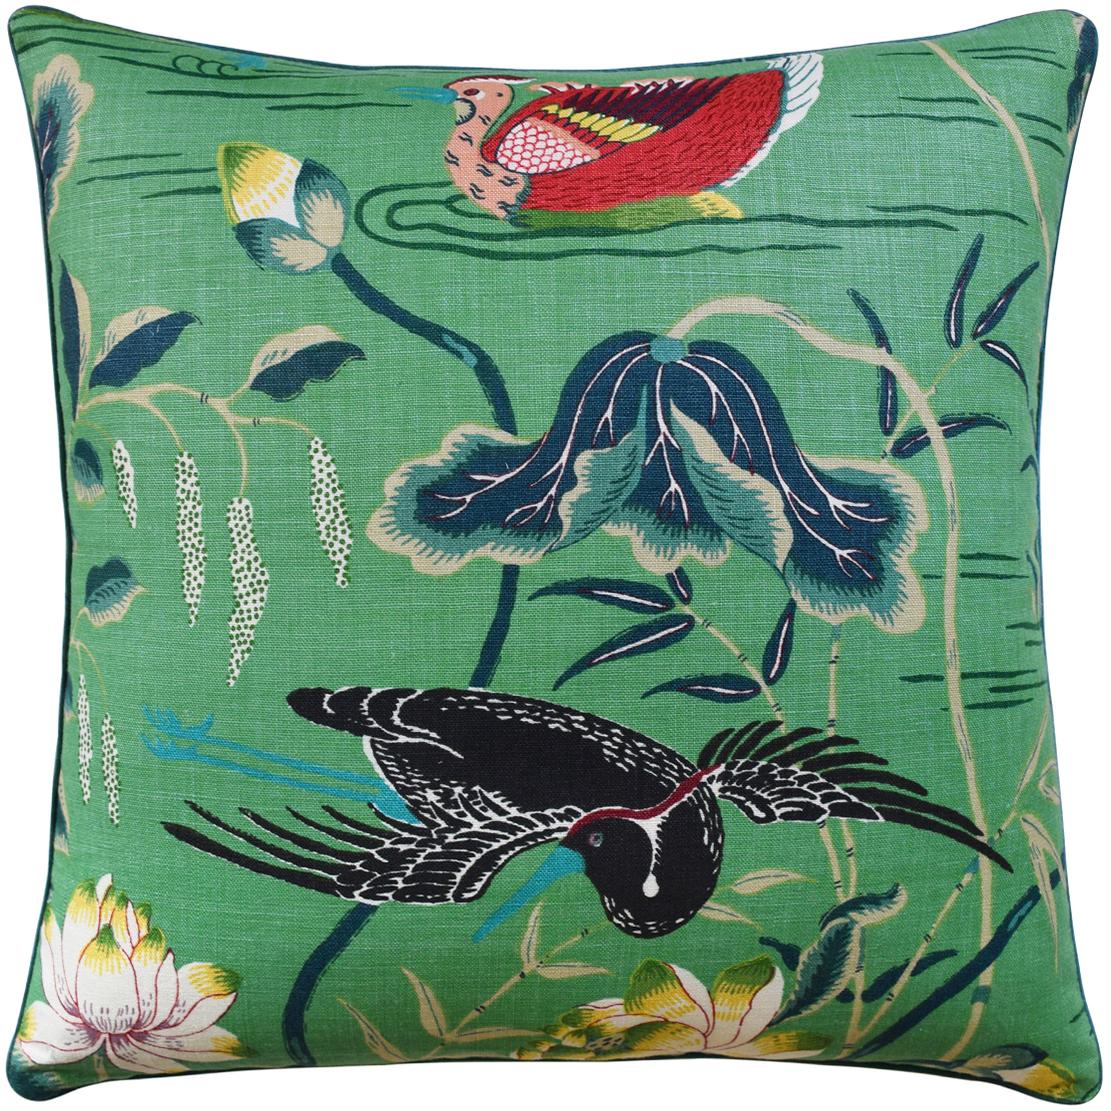 Lotus Garden Pillow